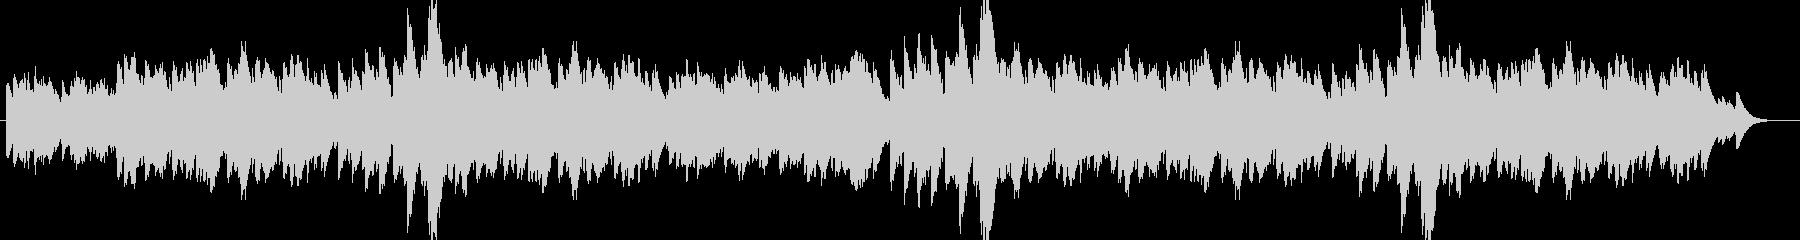 心地よい音色のヒーリングミュージックの未再生の波形